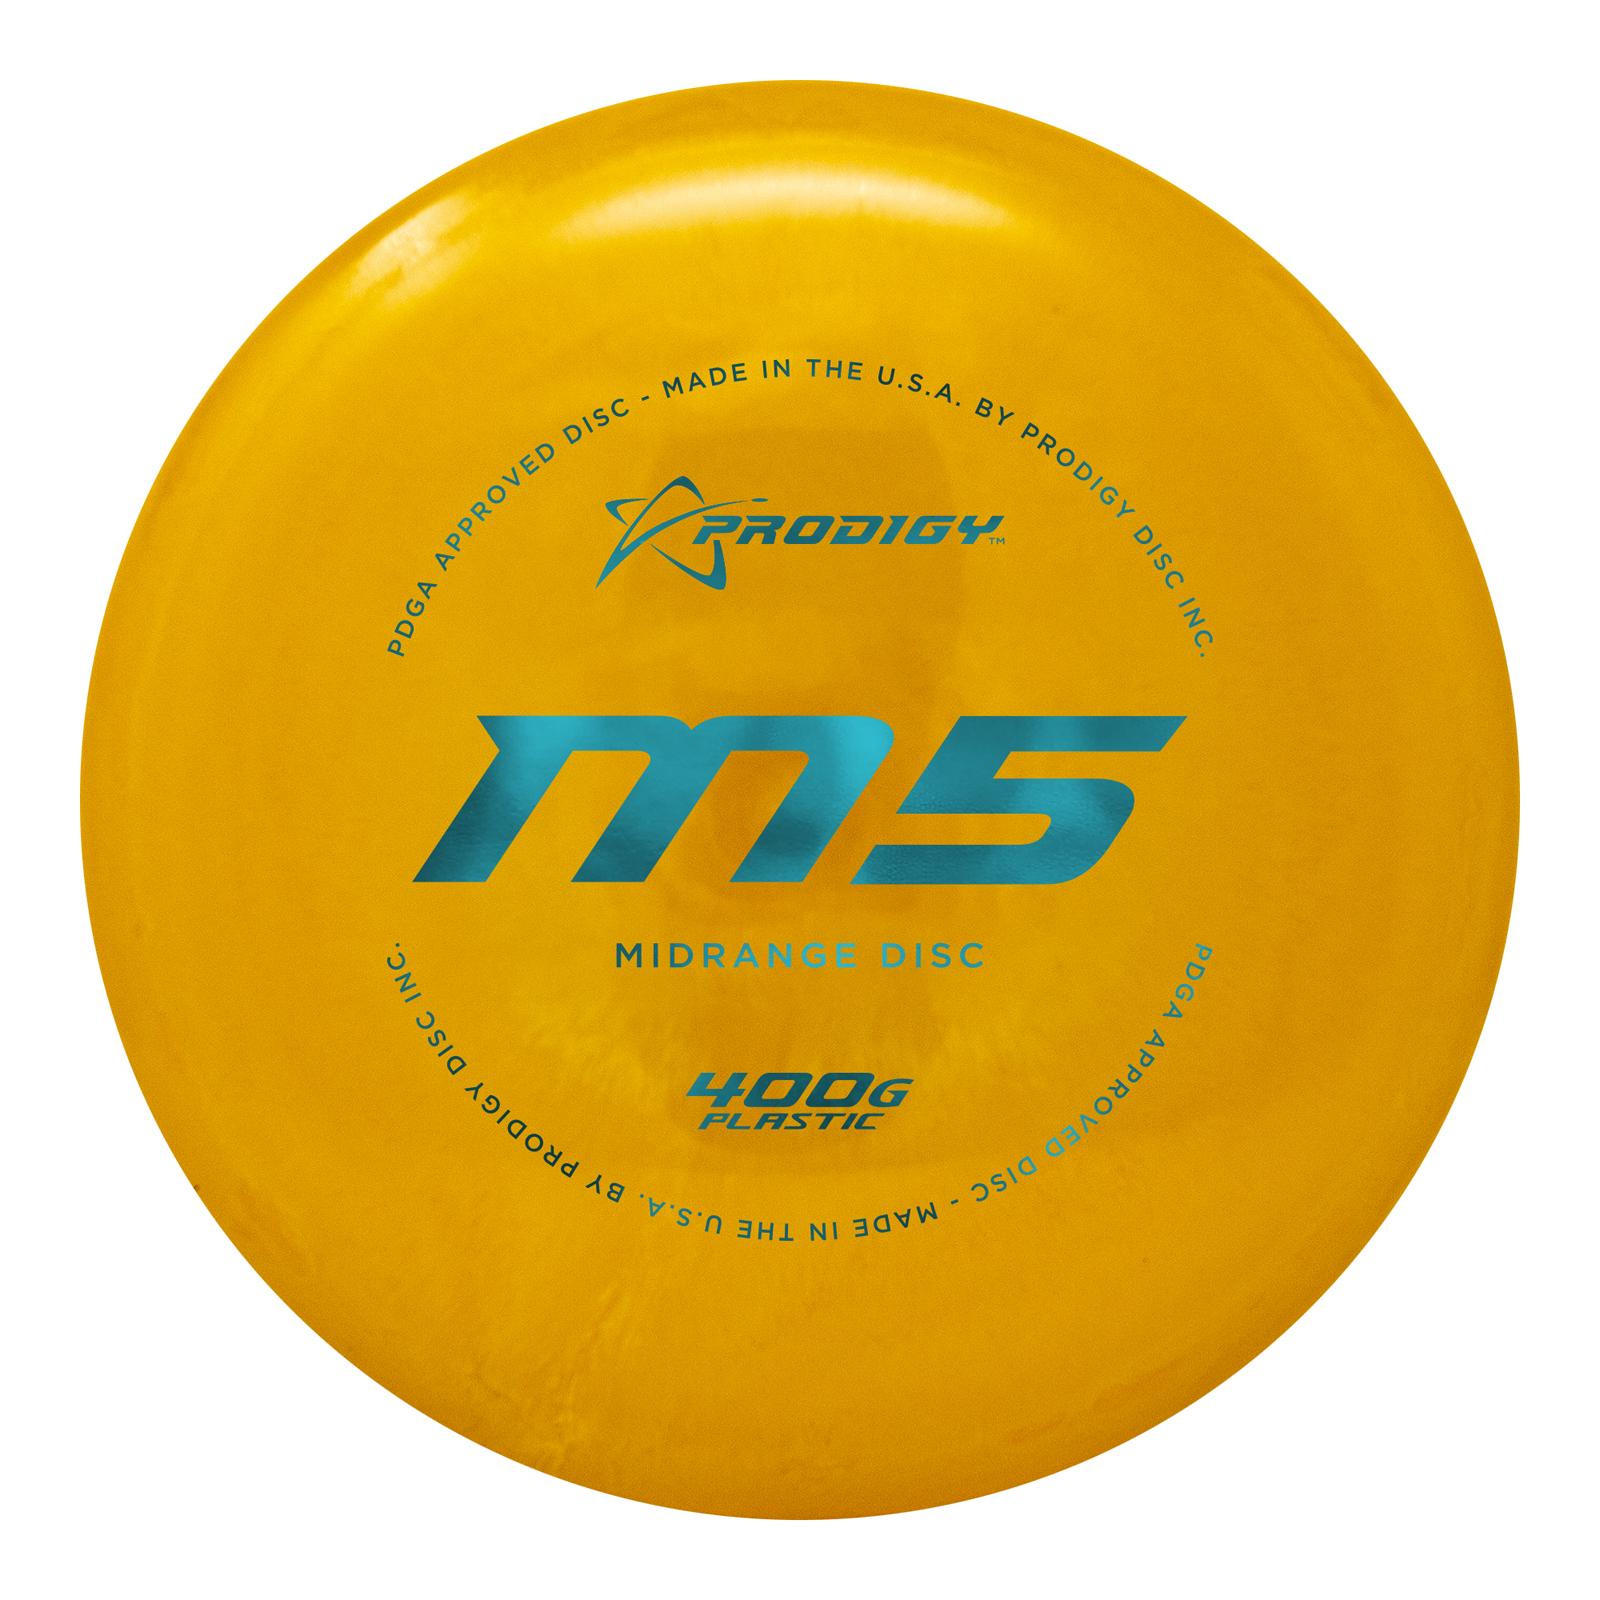 M5 - 400G PLASTIC